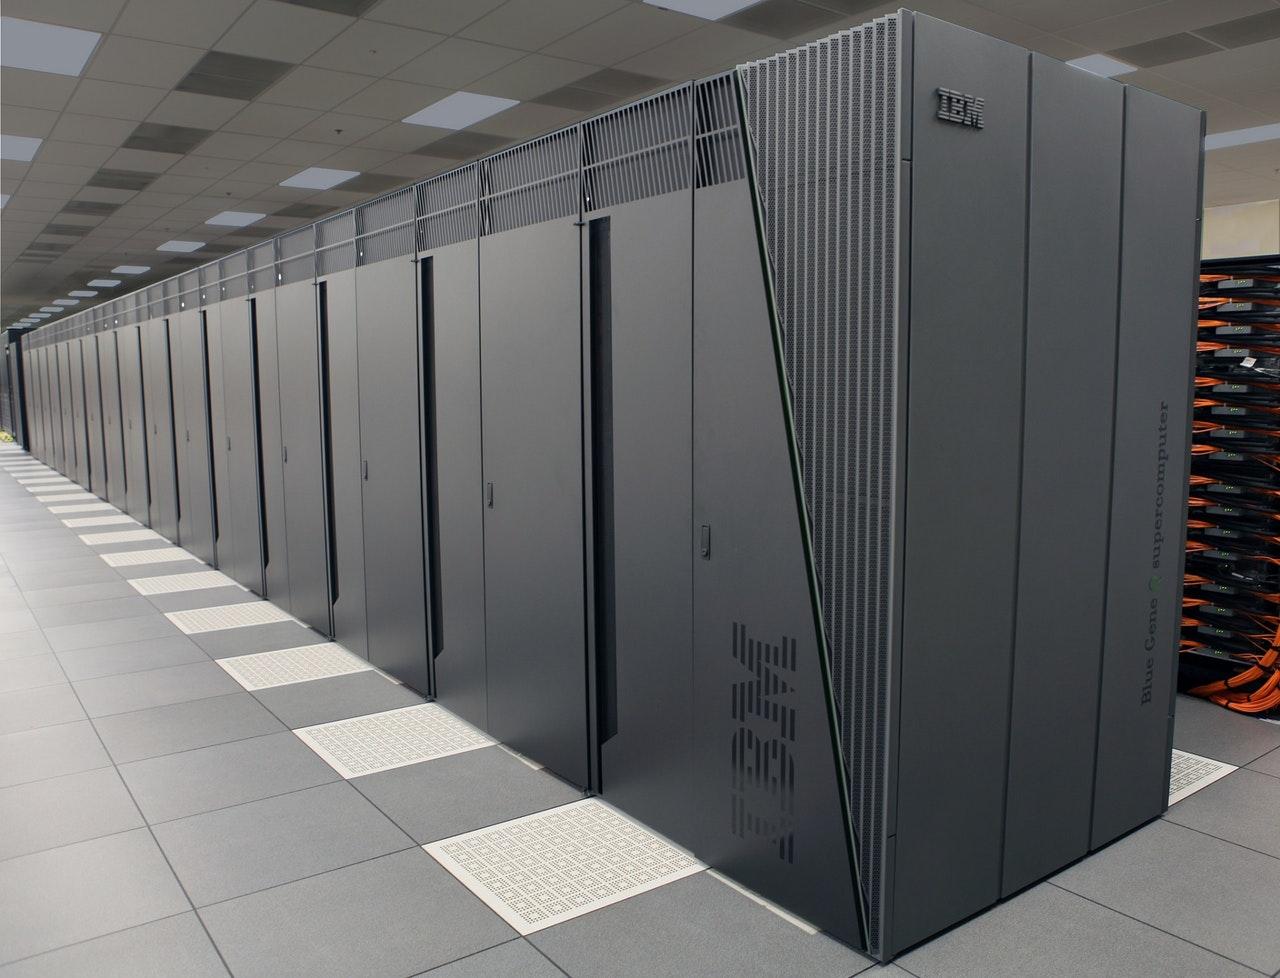 Collocation server illustration